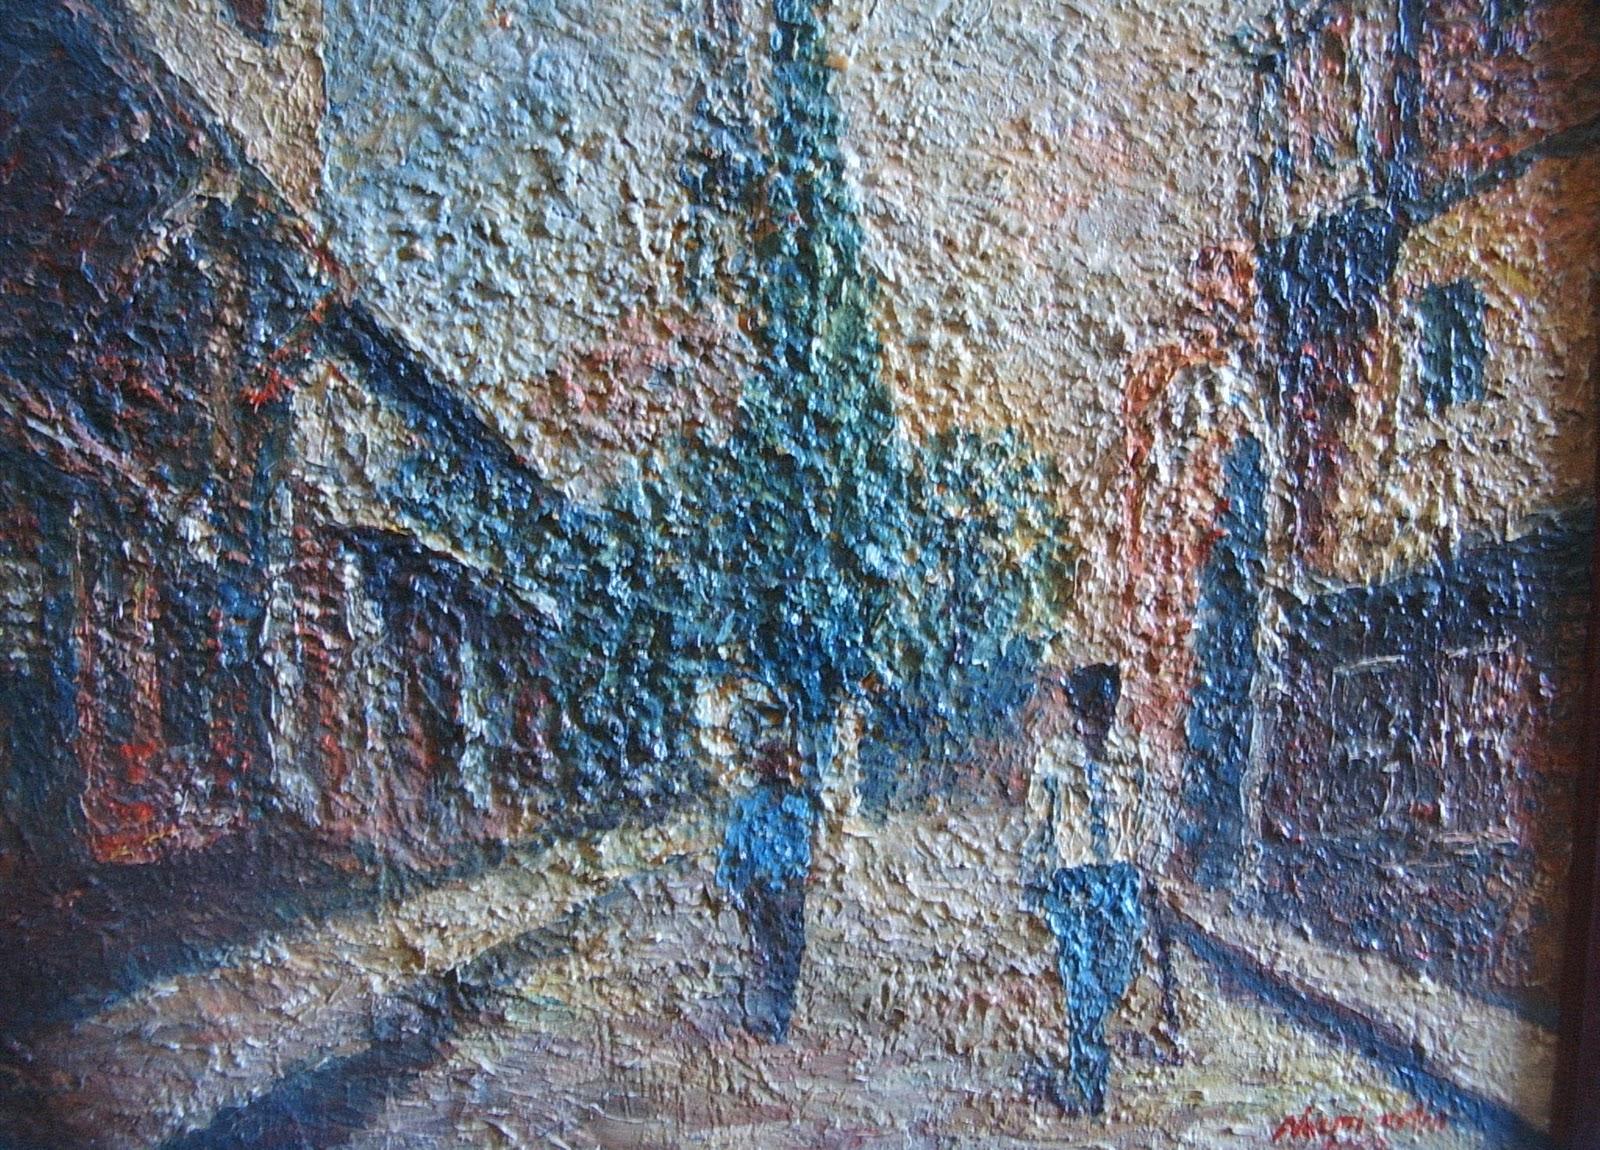 çağdaş Ressamlar Grubu Resimlerim Nazmi Metin